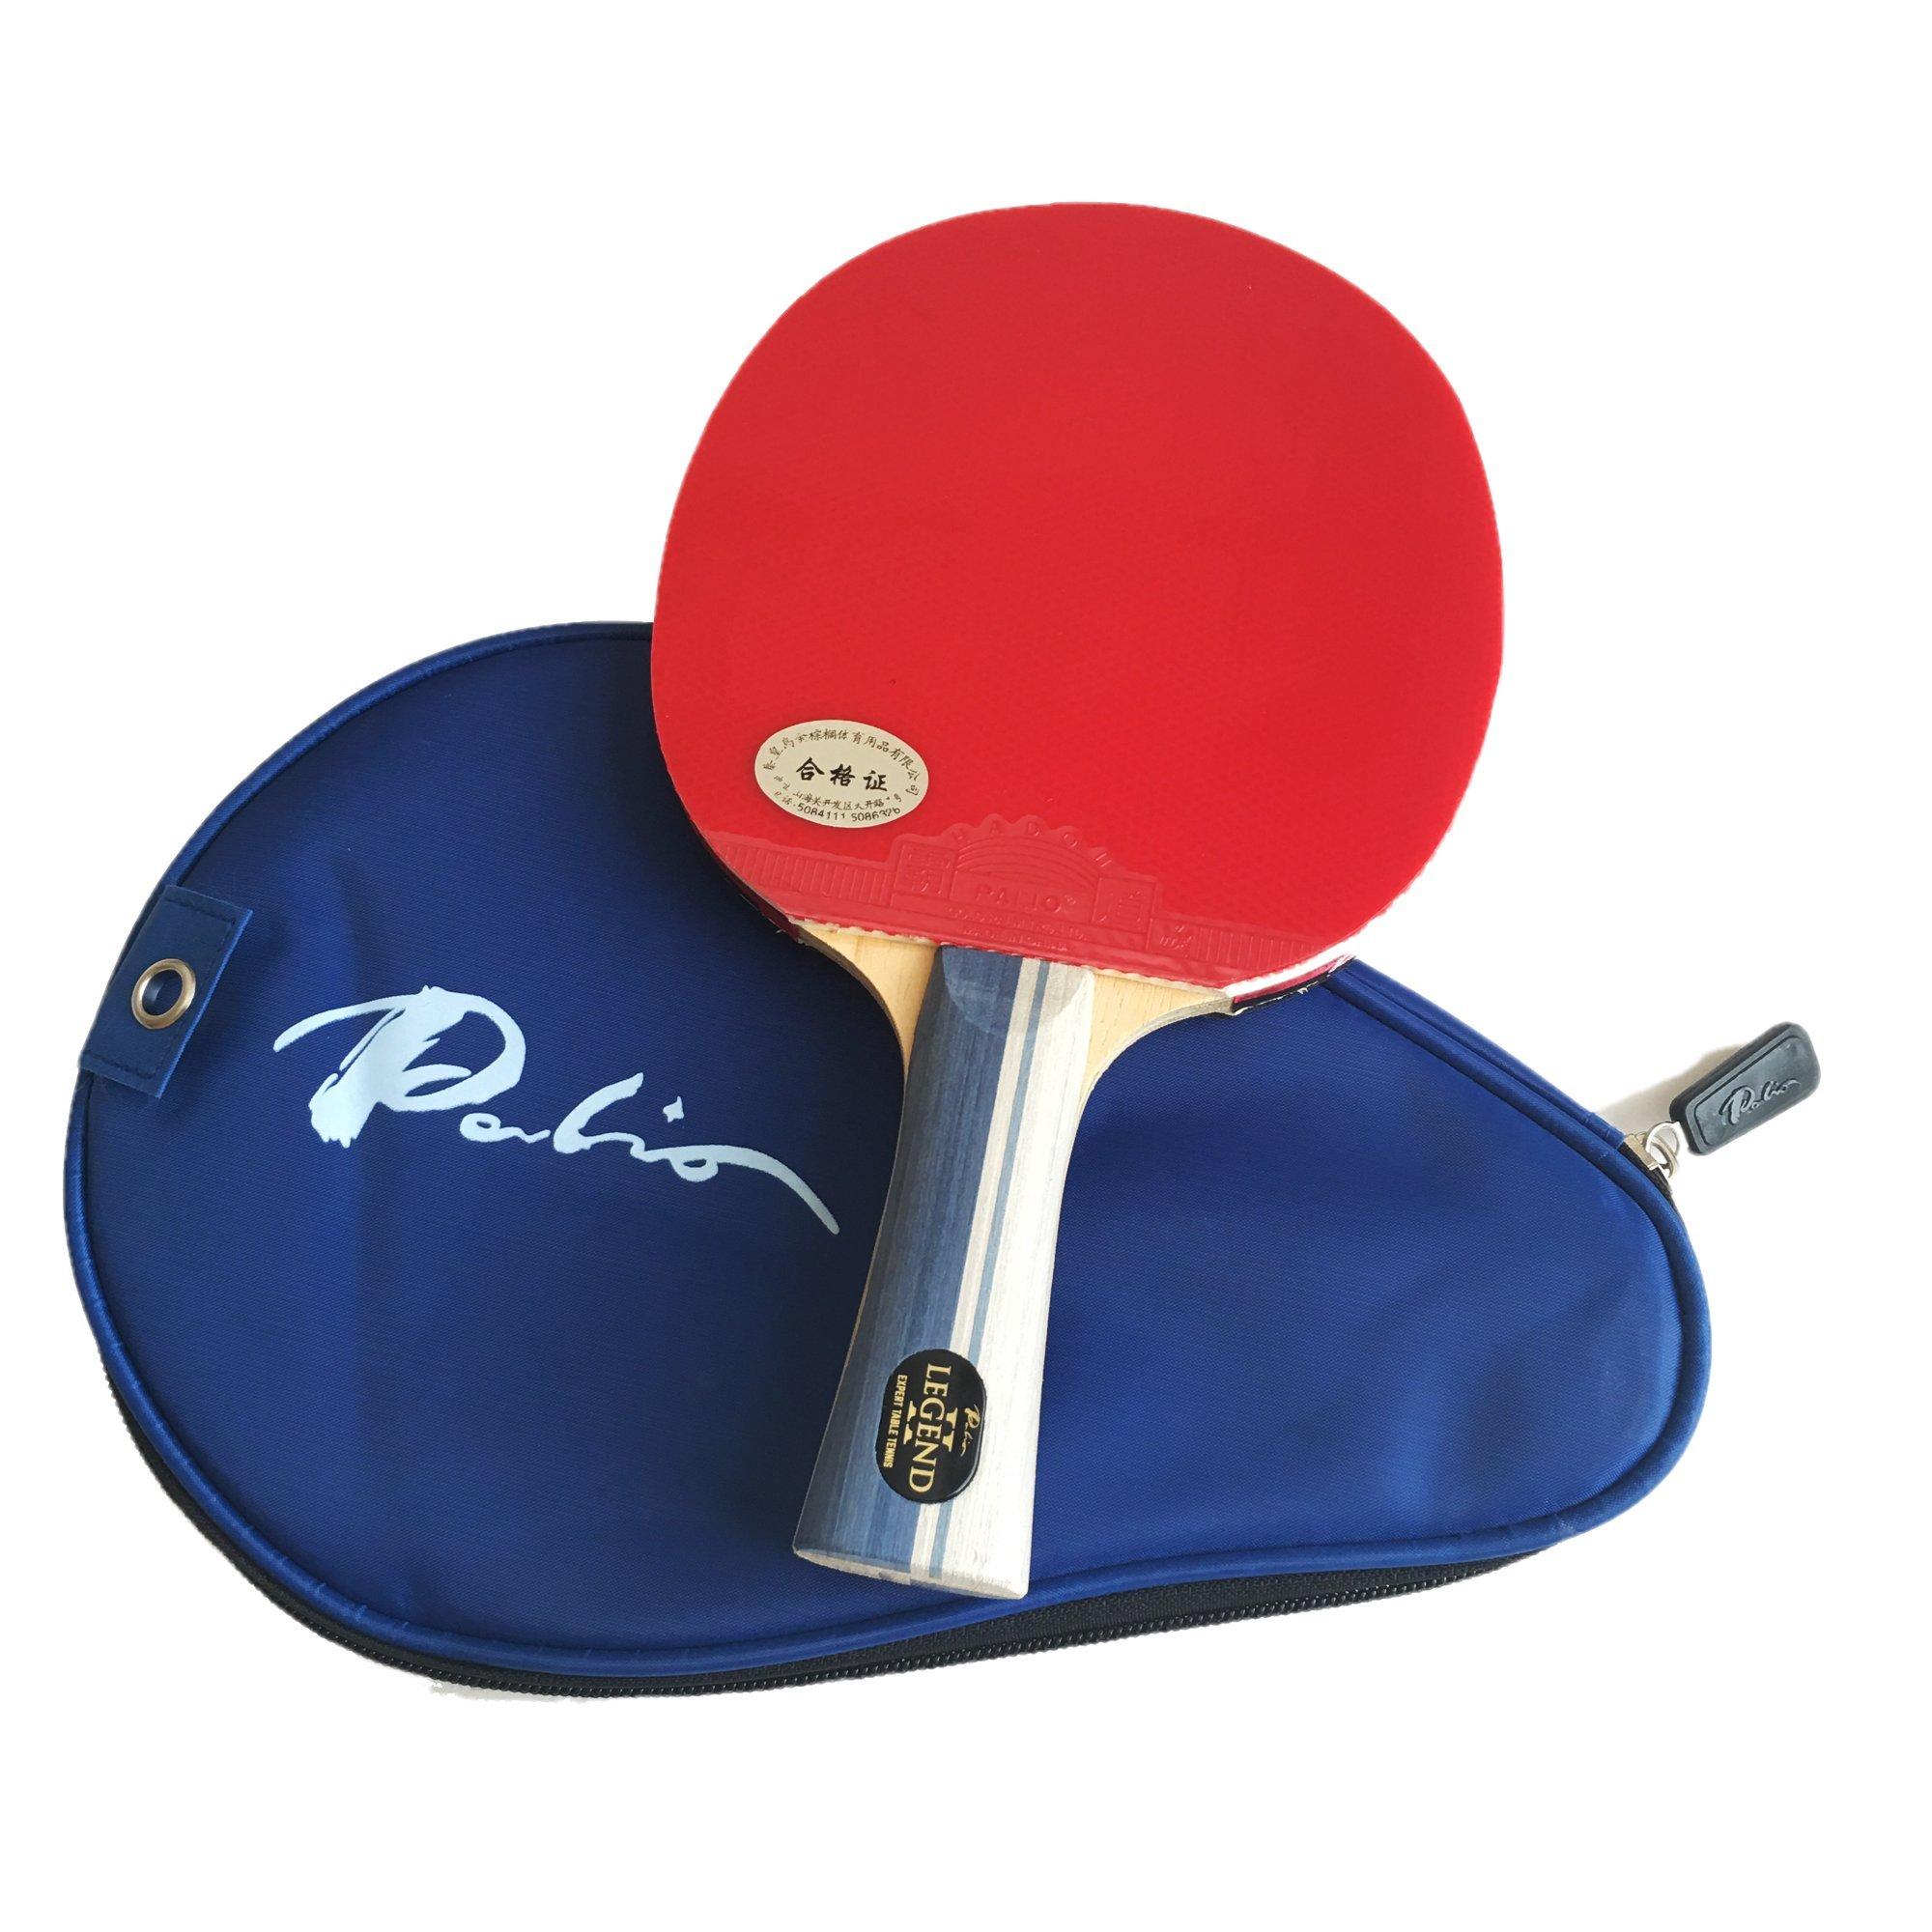 Palio Legend 2 Table Tennis Racket & Case